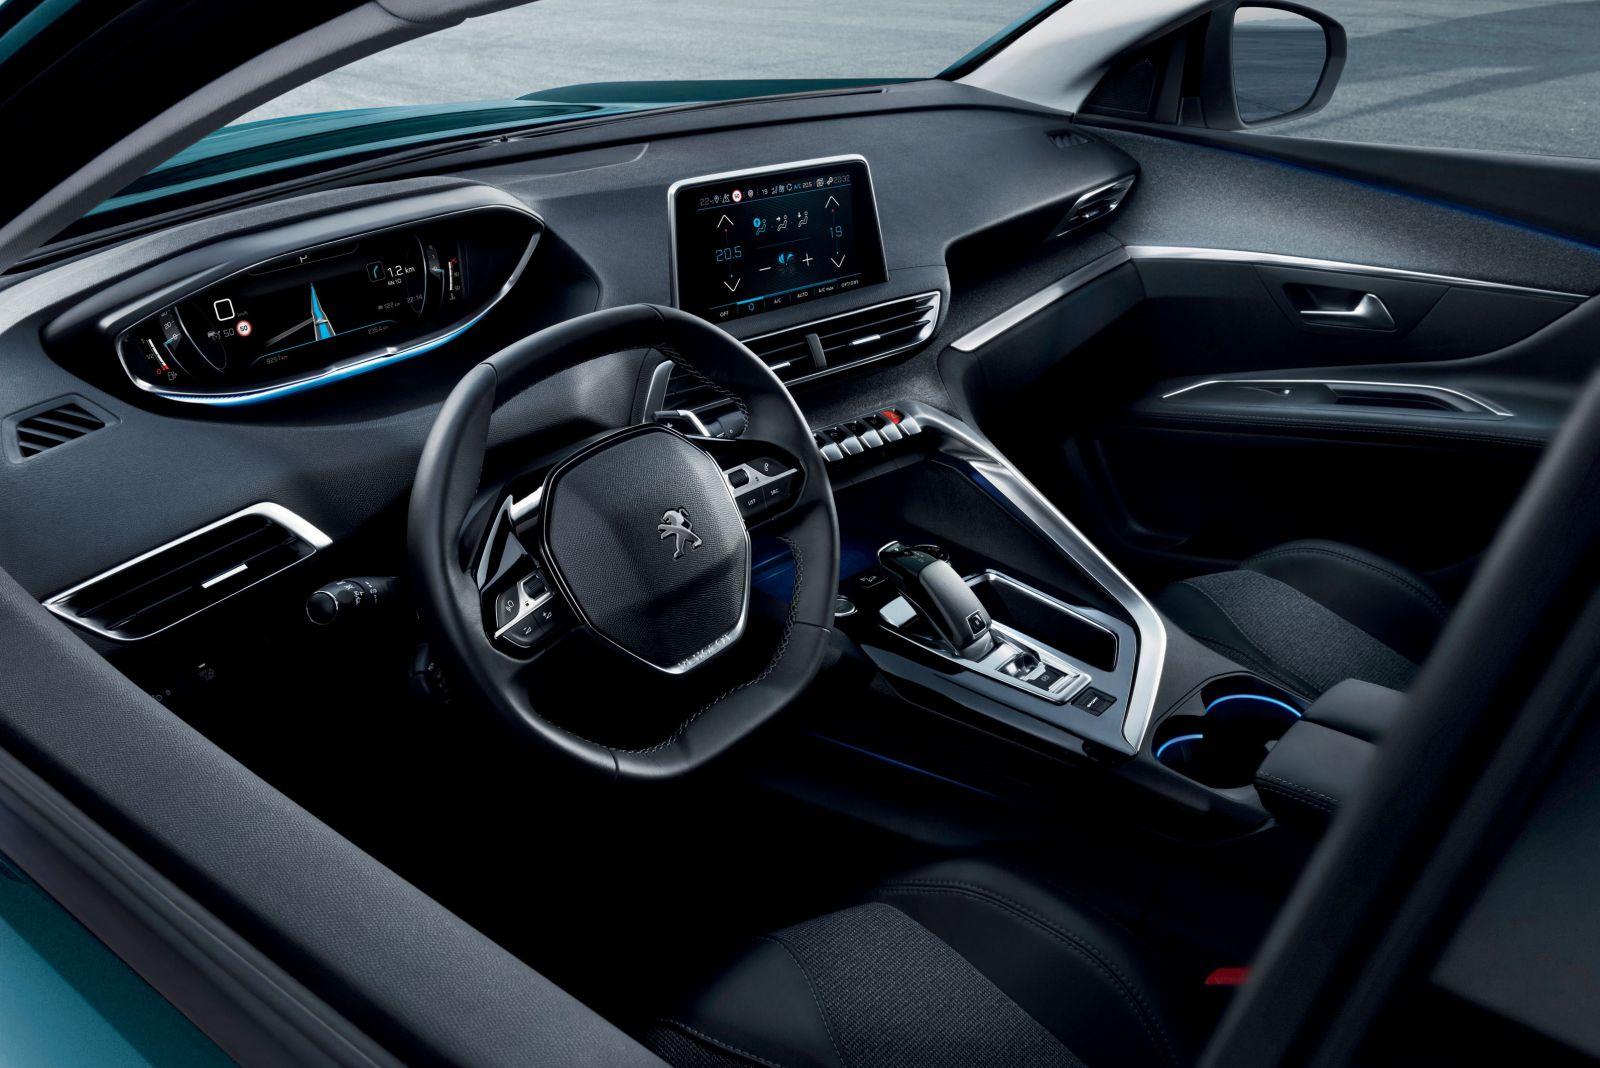 Nội thất theo triết lý New i-Cockpit lấy cảm hứng từ khoang lái  máy bay của SUV Peugeot 5008